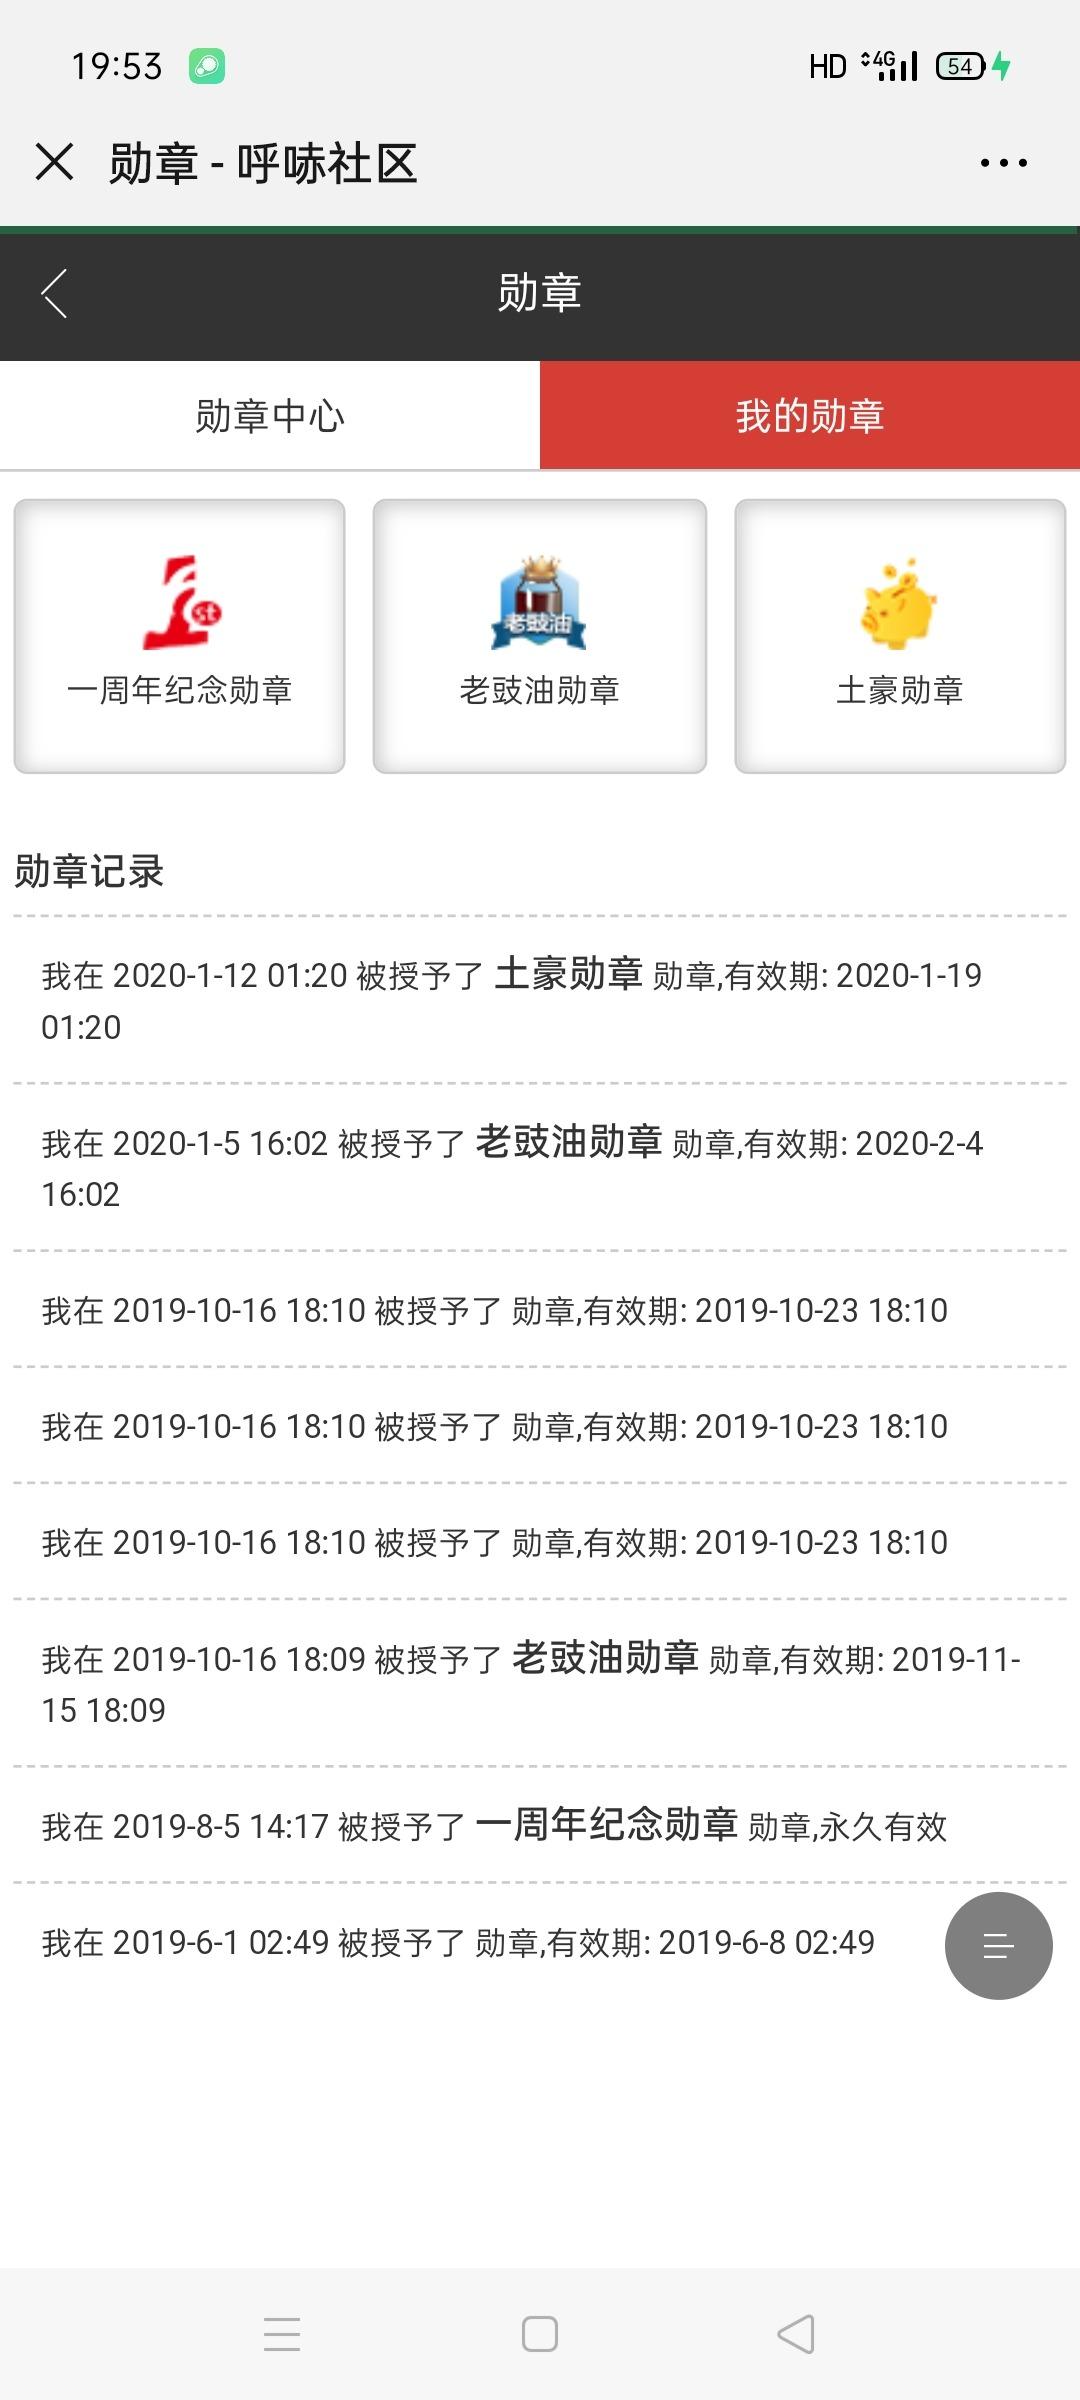 Screenshot_2020-01-19-19-53-45-83.jpg